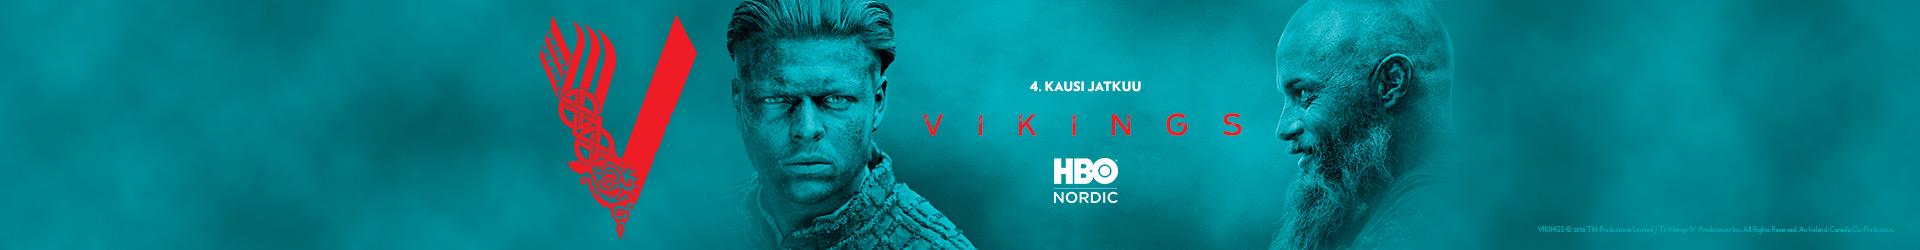 HBO Nordic - Elisa Viihde